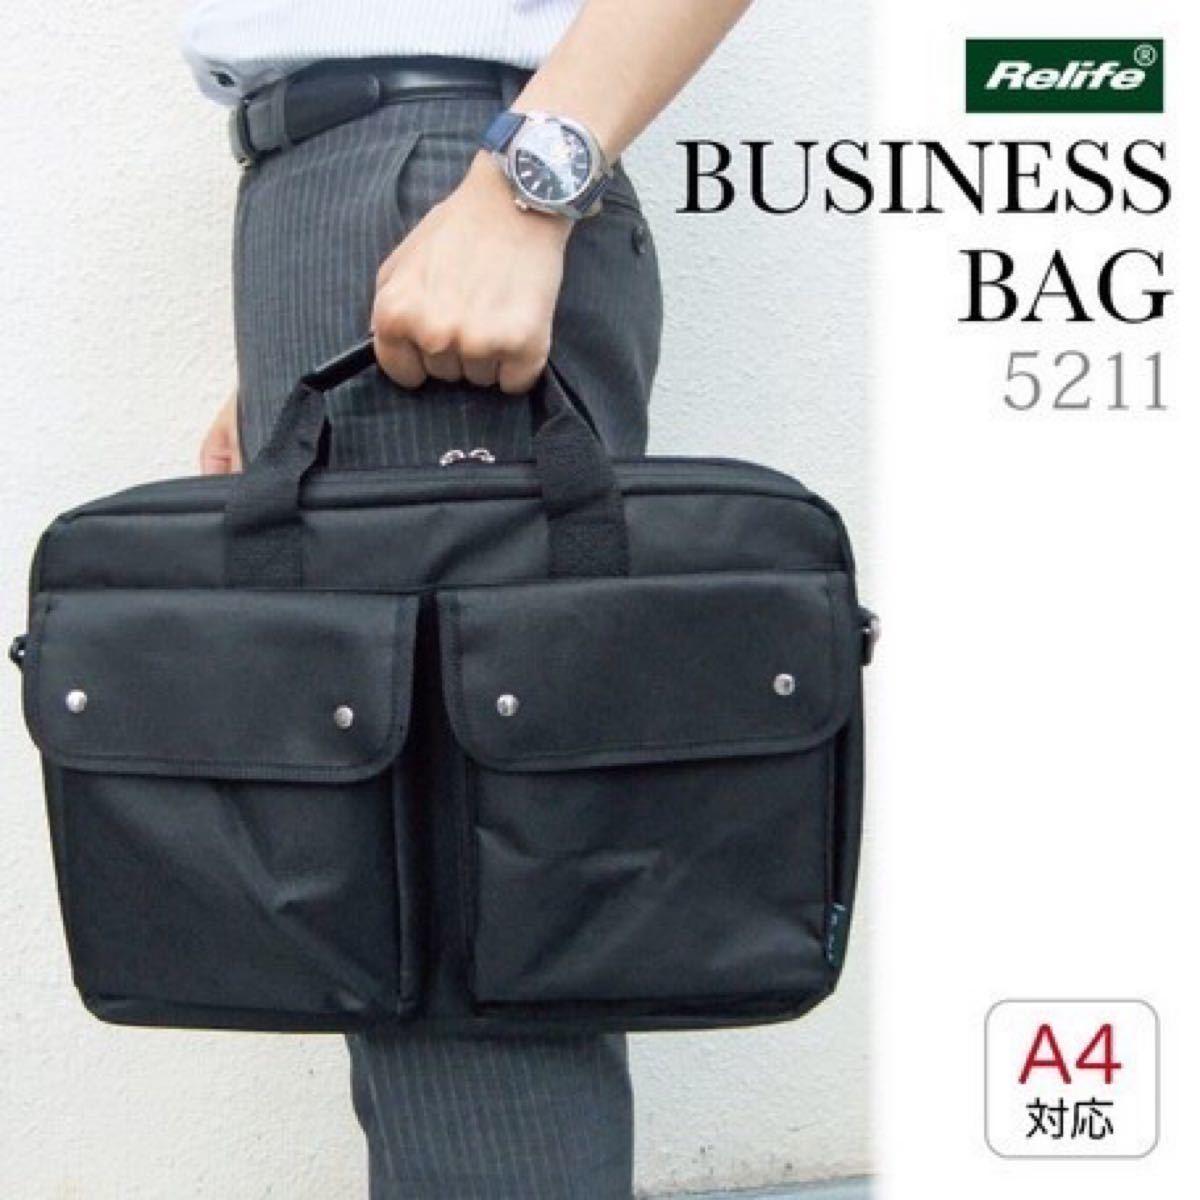 ビジネスバッグ トートバッグ 横型 A4サイズ 男女兼用 収納豊富 大容量 2way ブリーフケース ショルダーバッグ